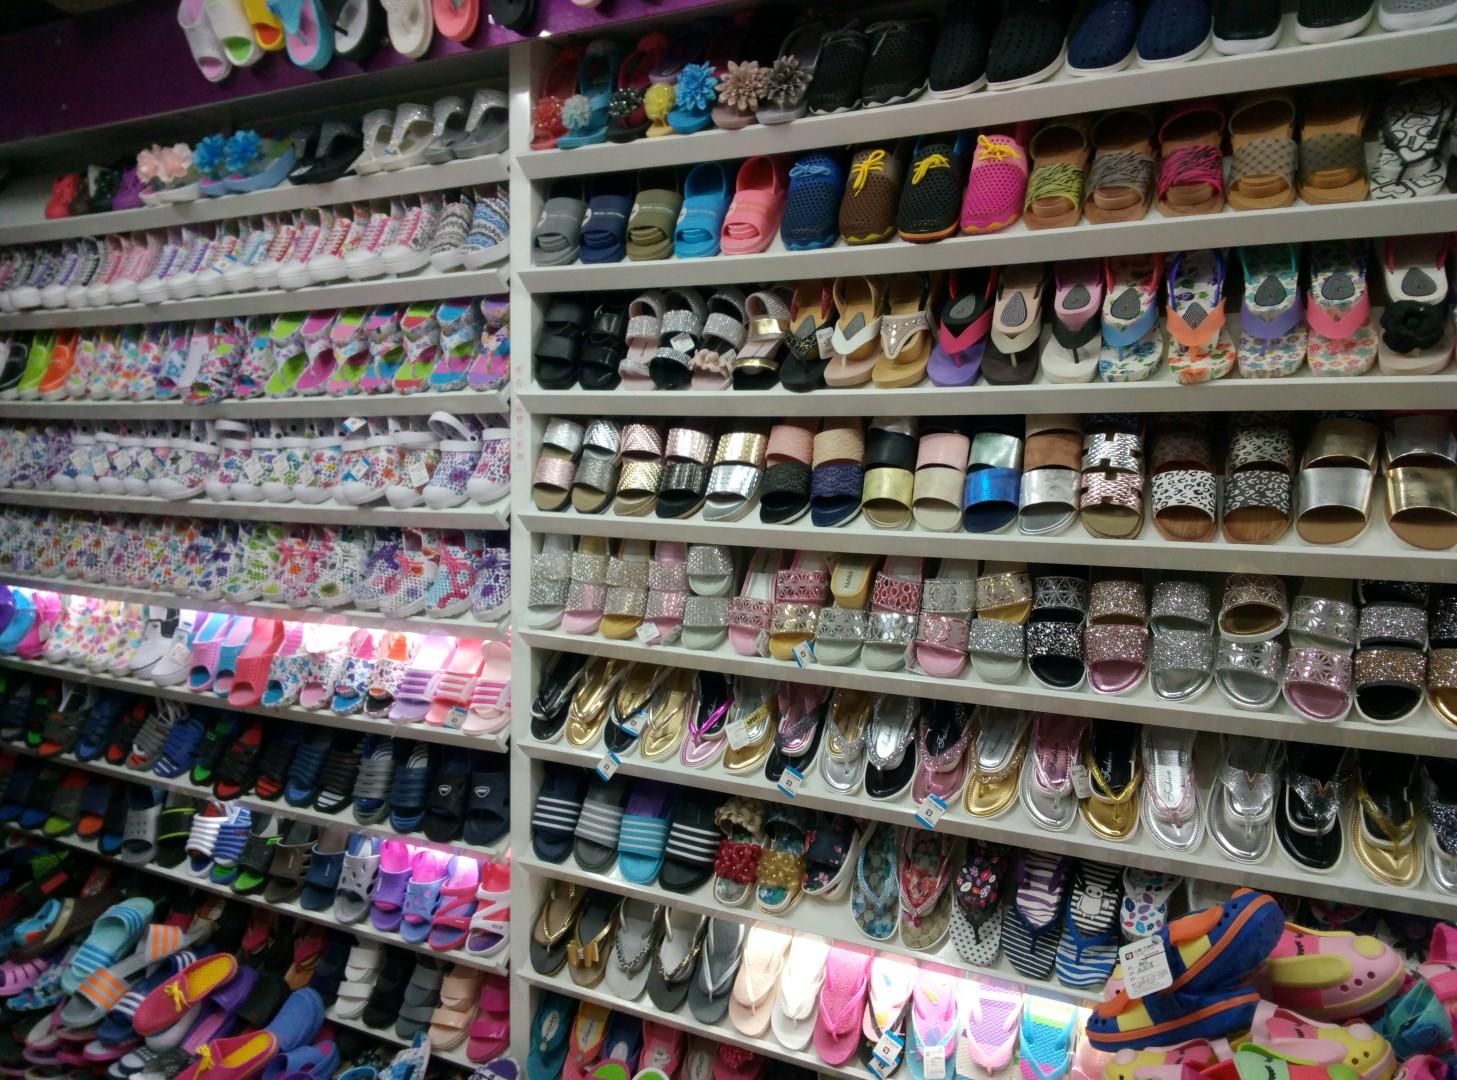 051f4082c038 Обувь Из Китая - Почему на Оптовом Рынке в Иу Лучшие Цены